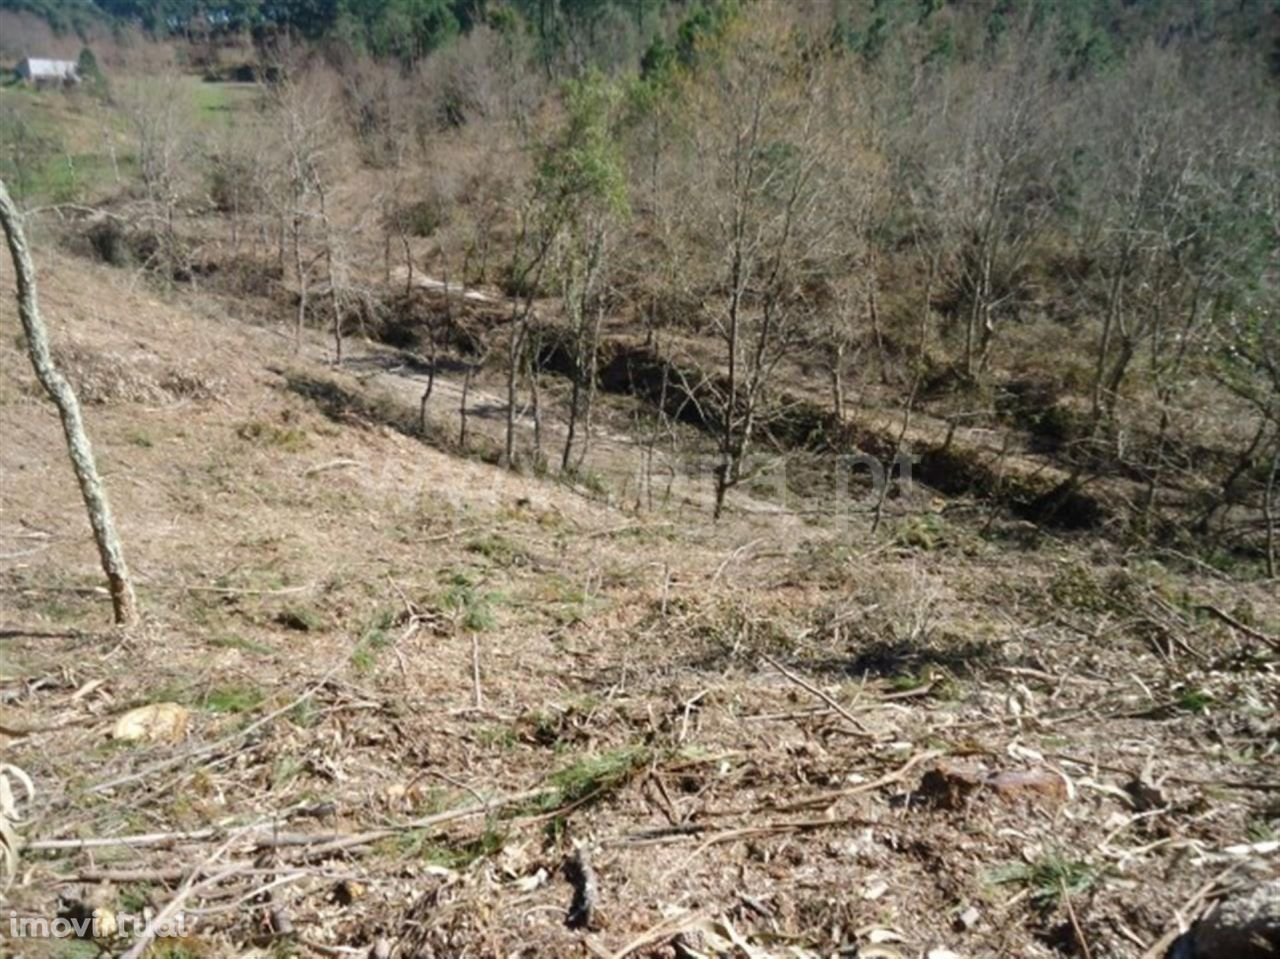 Terreno com 18.800 m2 destinado a plantações em Cabeceiras de Basto